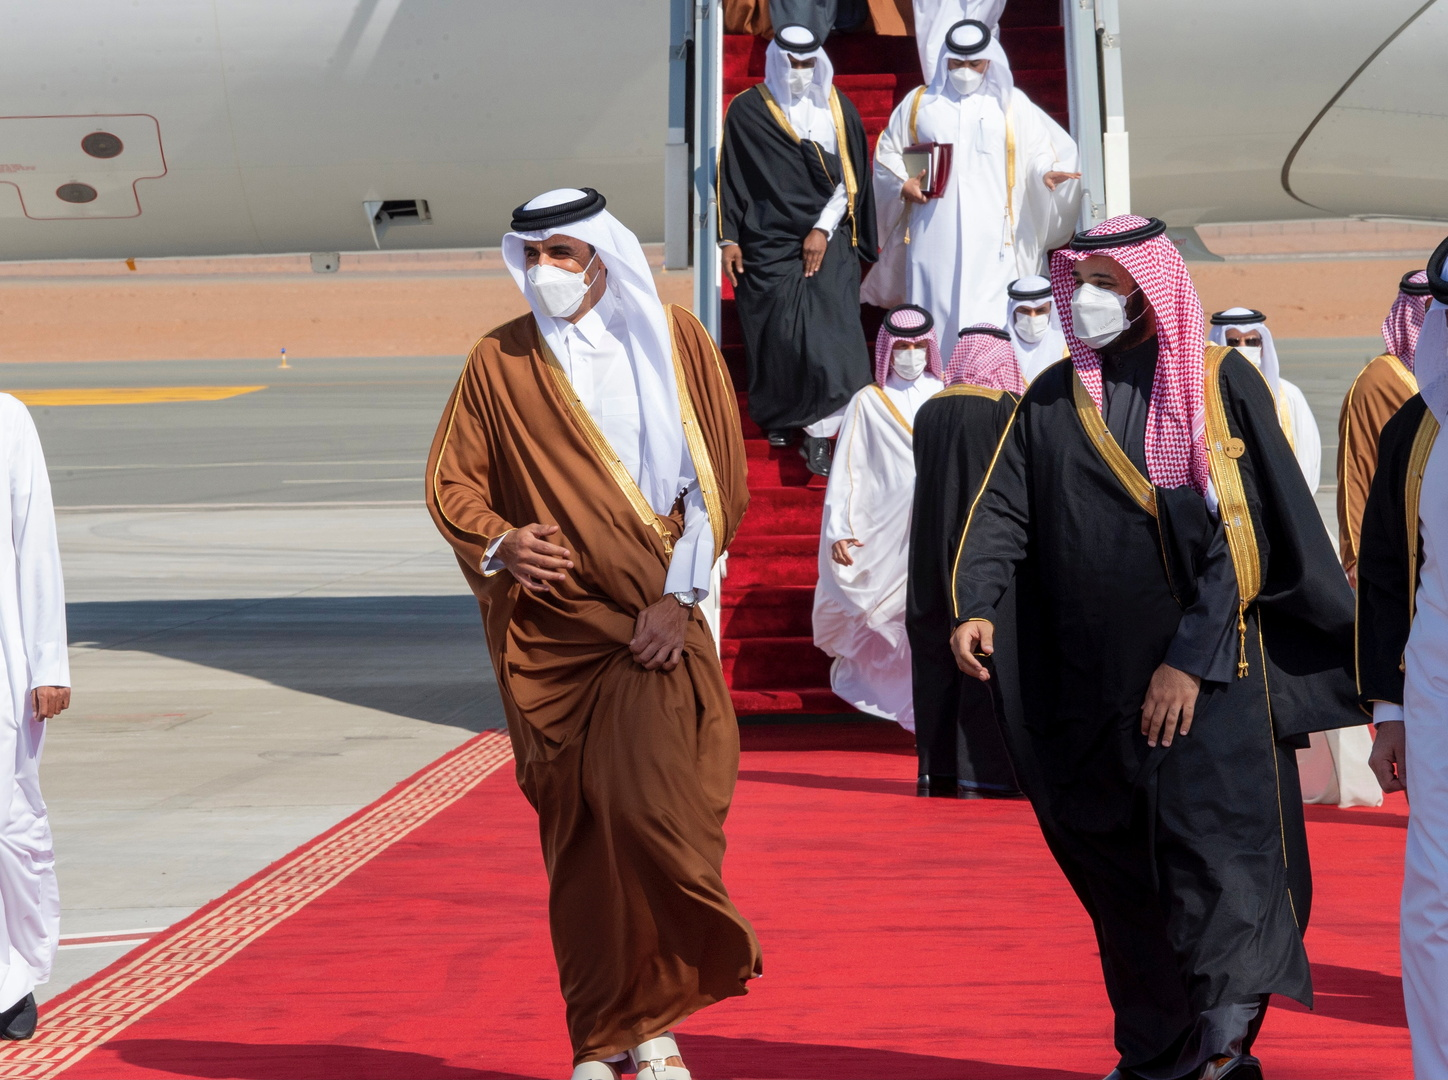 بن سلمان يفتتح قمة المصالحة الخليجية: اتفاق العلا أكد التضامن والاستقرار  الخليجيين - RT Arabic